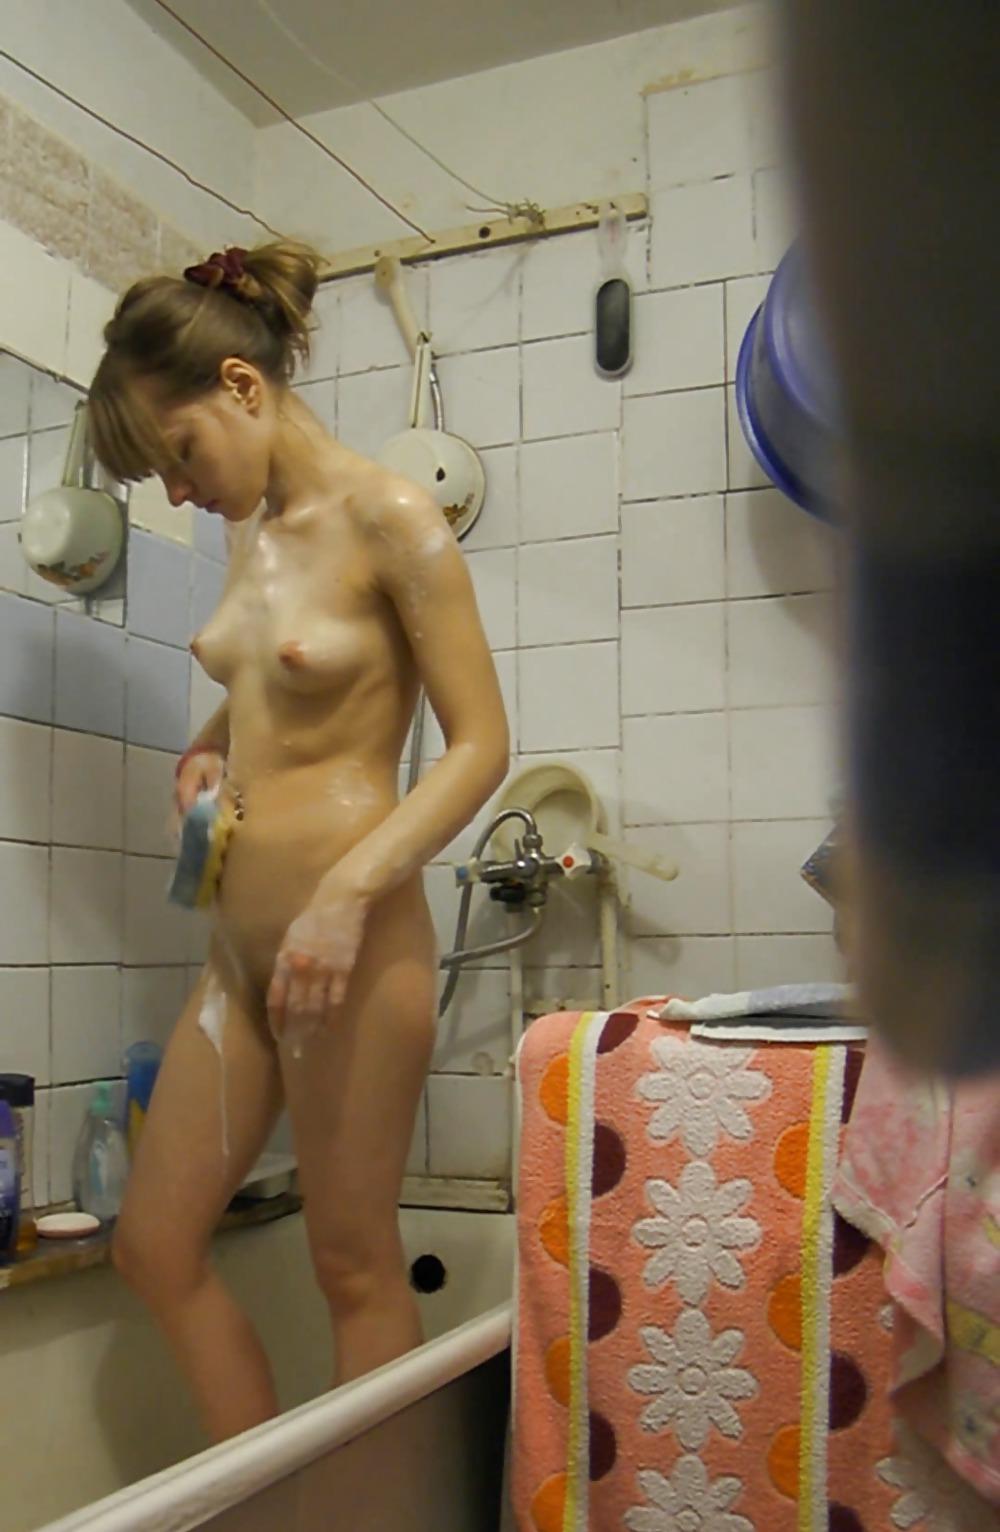 Порно Видео Скрытая Камера В Ванной Комнате